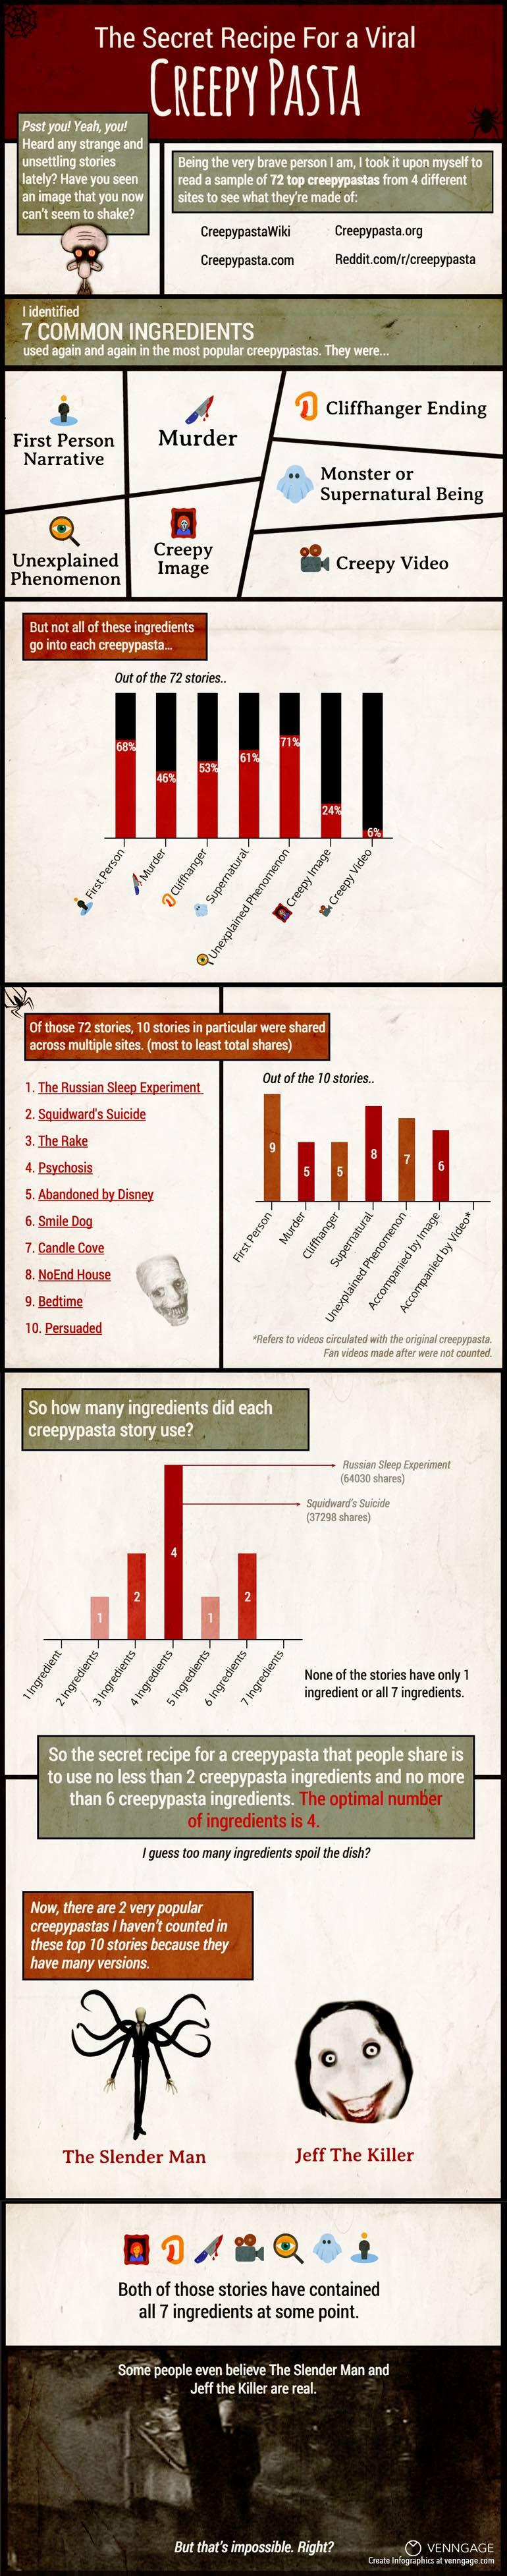 Creepypasta Infographic